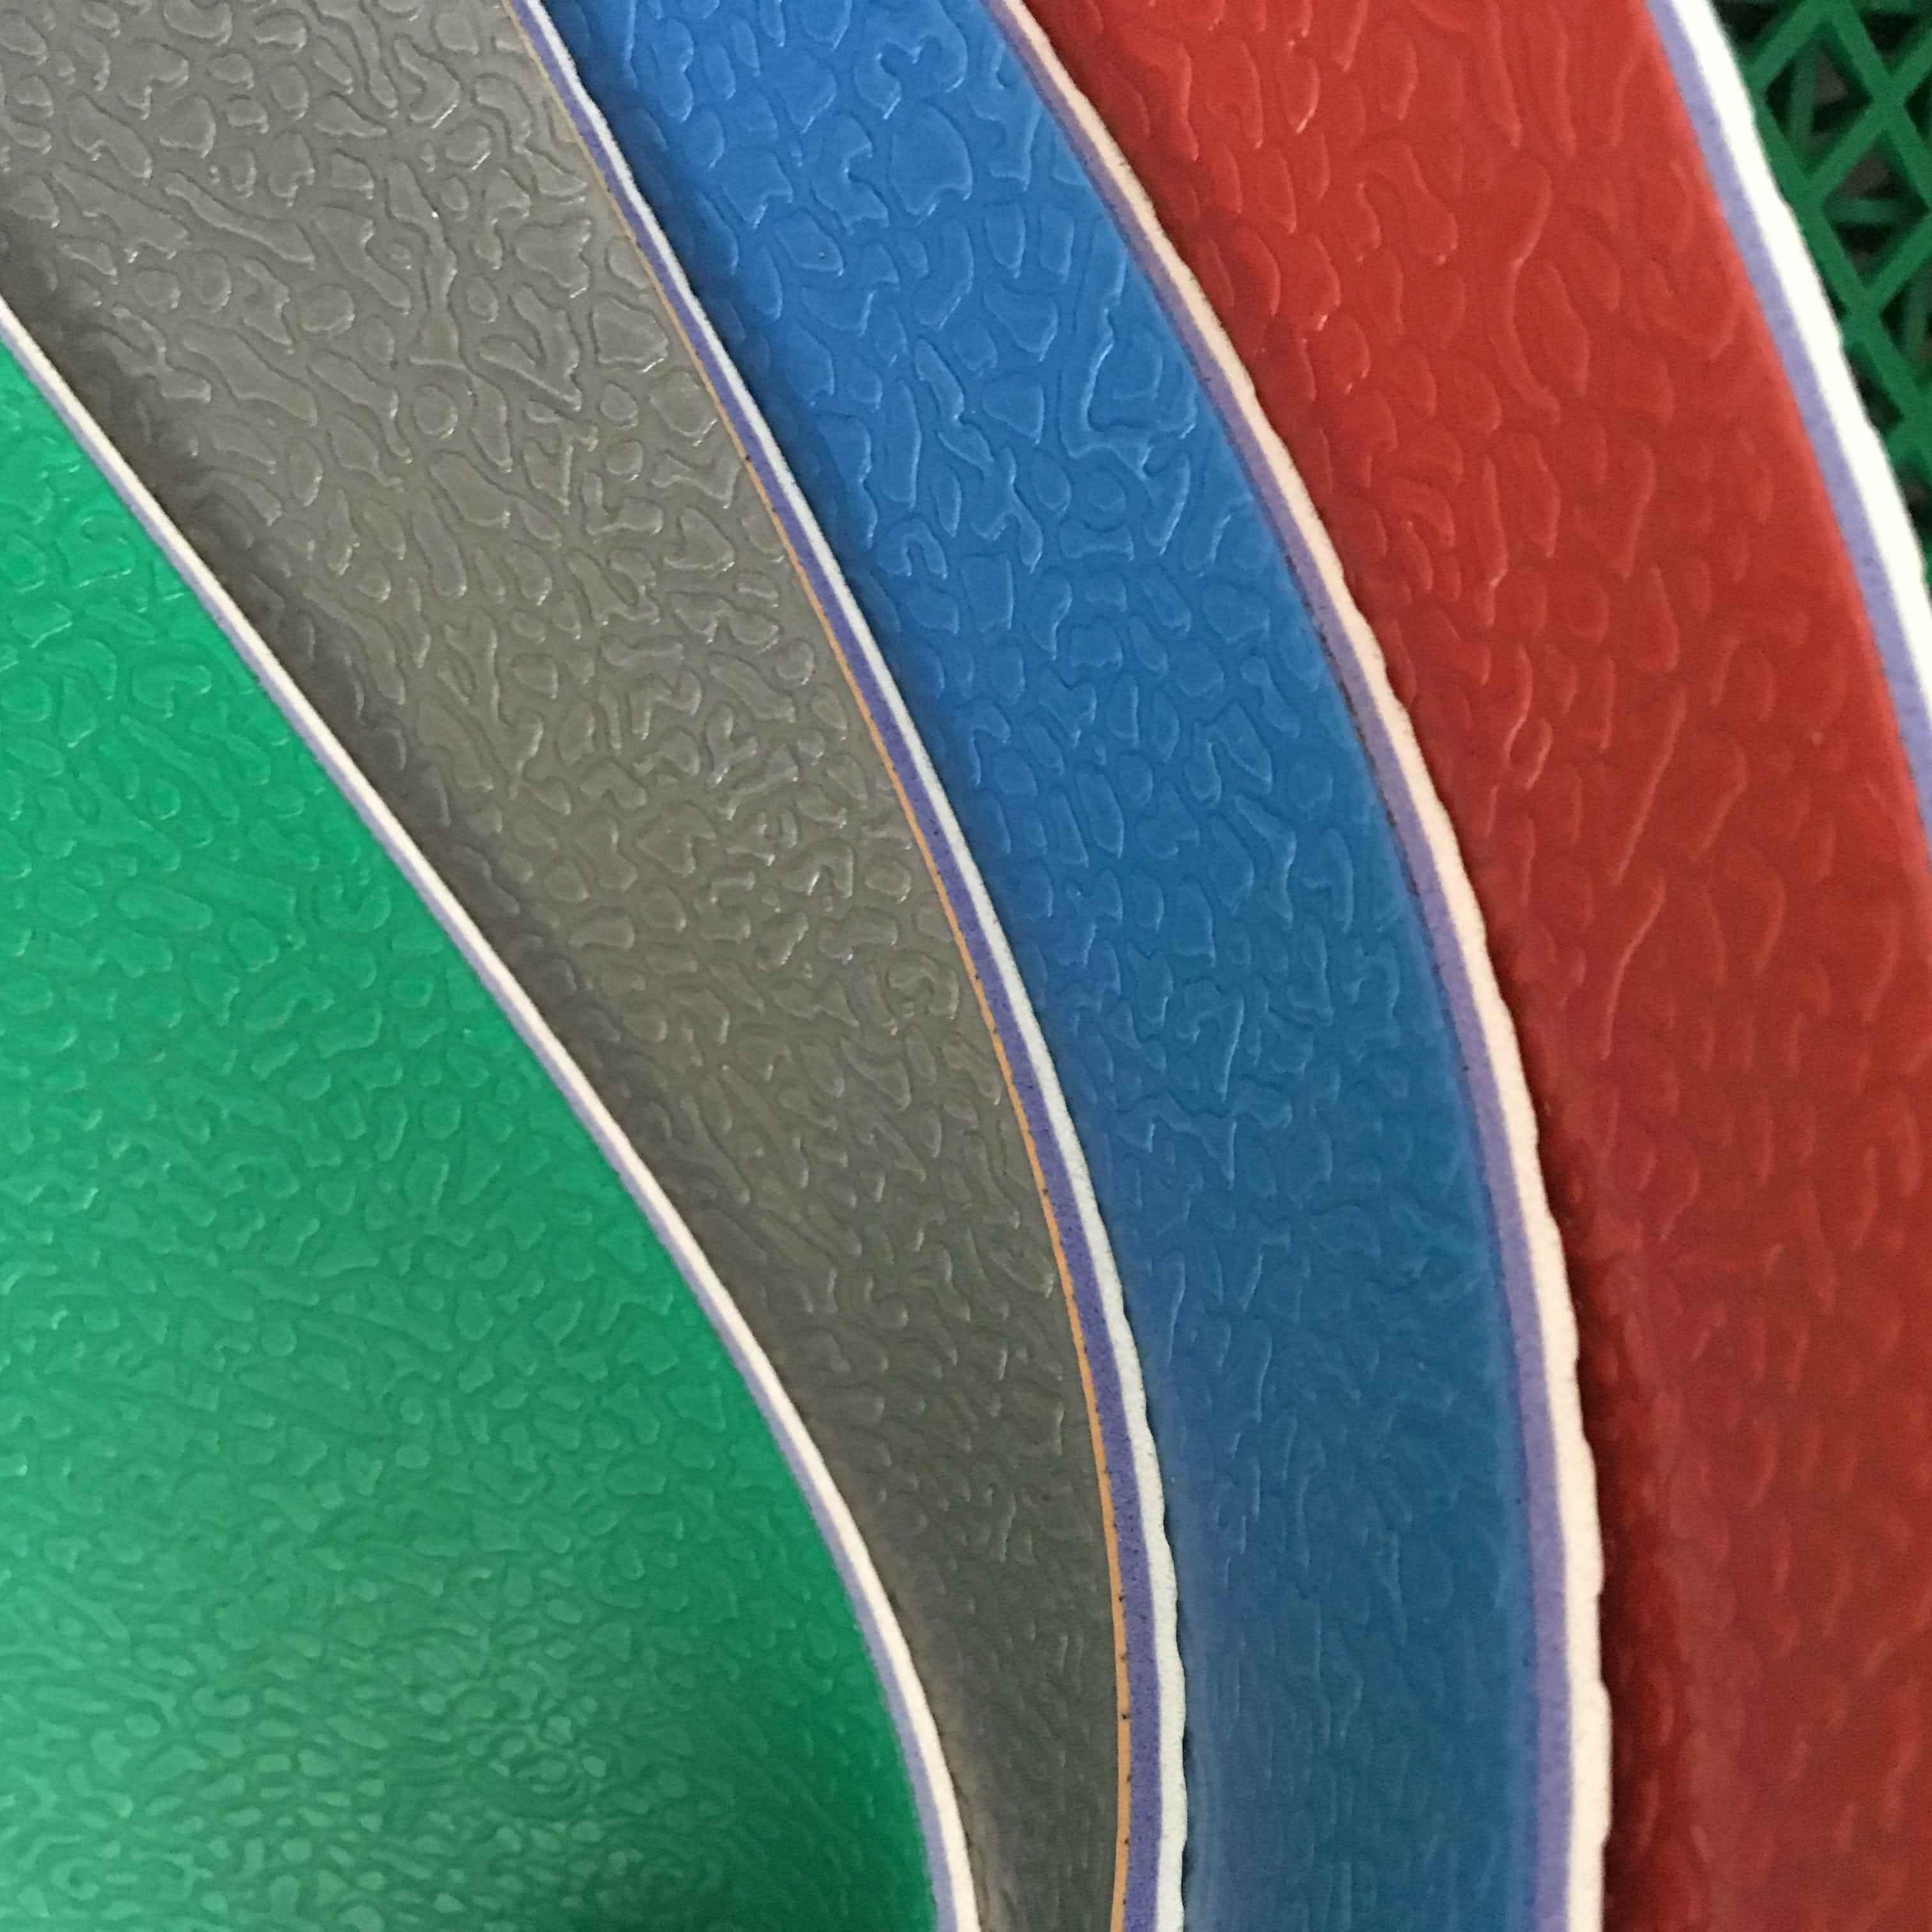 室内5.3mm透明层碎石纹羽毛球运动地胶垫乒乓球耐磨塑胶PVC地板胶